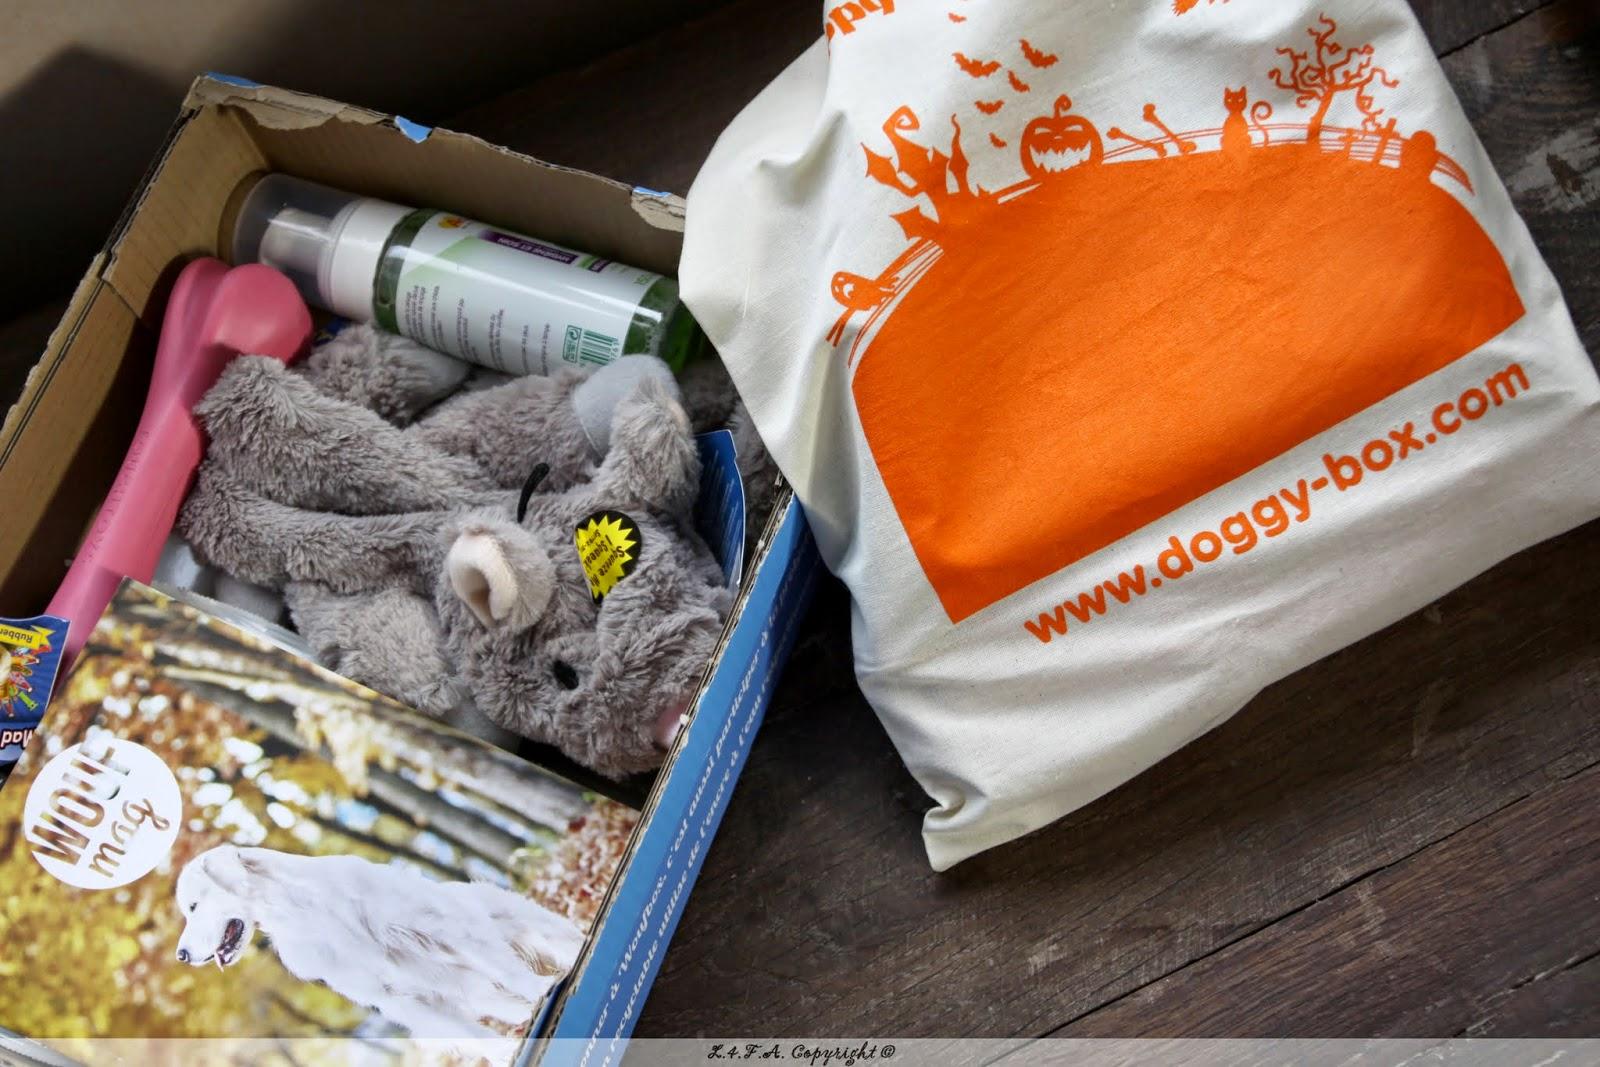 http://lesquatrefersenlair.blogspot.com/2014/11/woufbox-versus-doggy-box-mon-avis.html